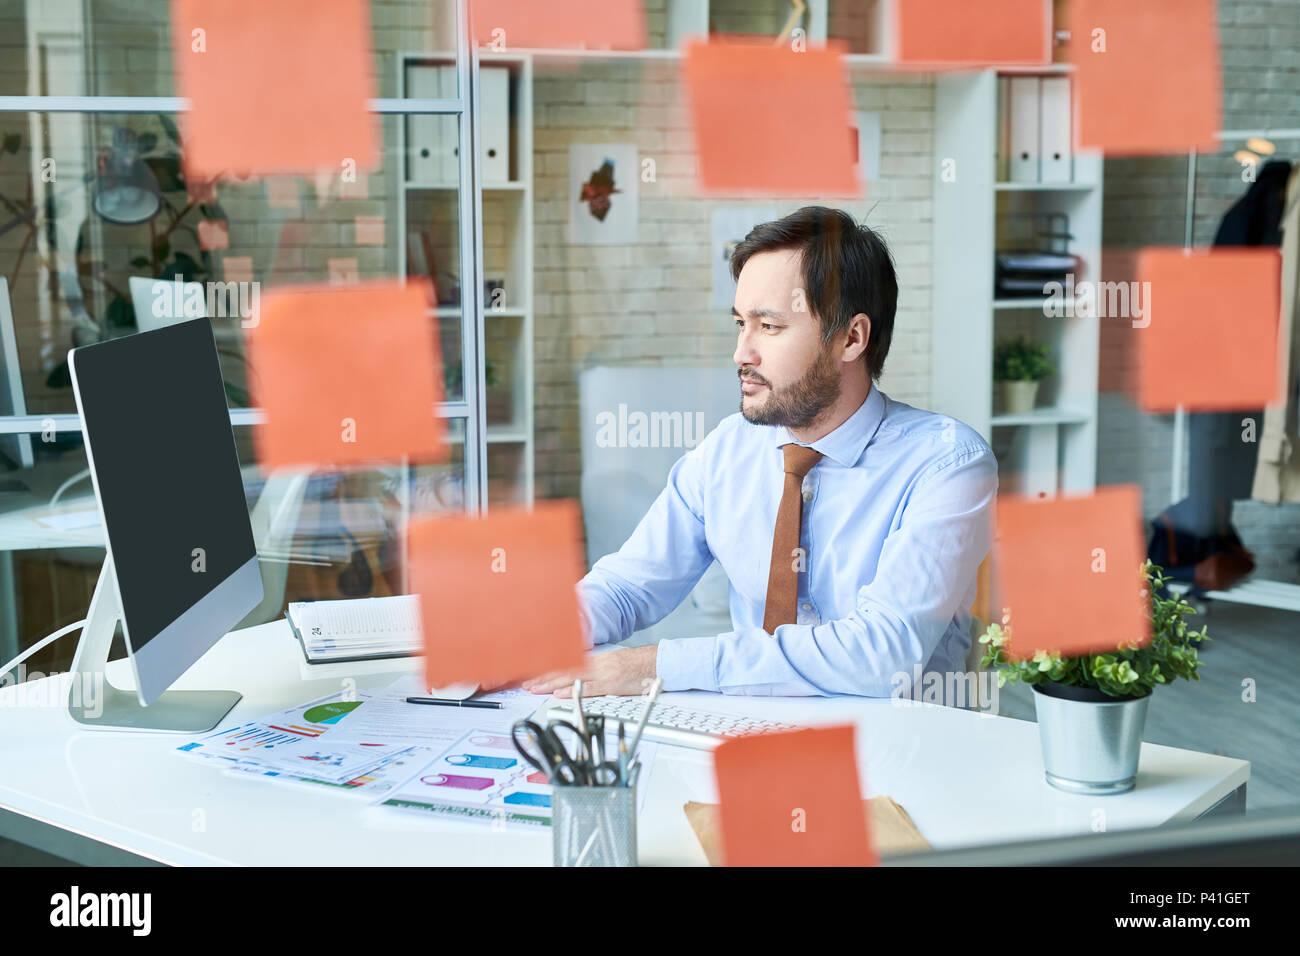 Mann im Büro hinter Glas arbeiten Stockbild